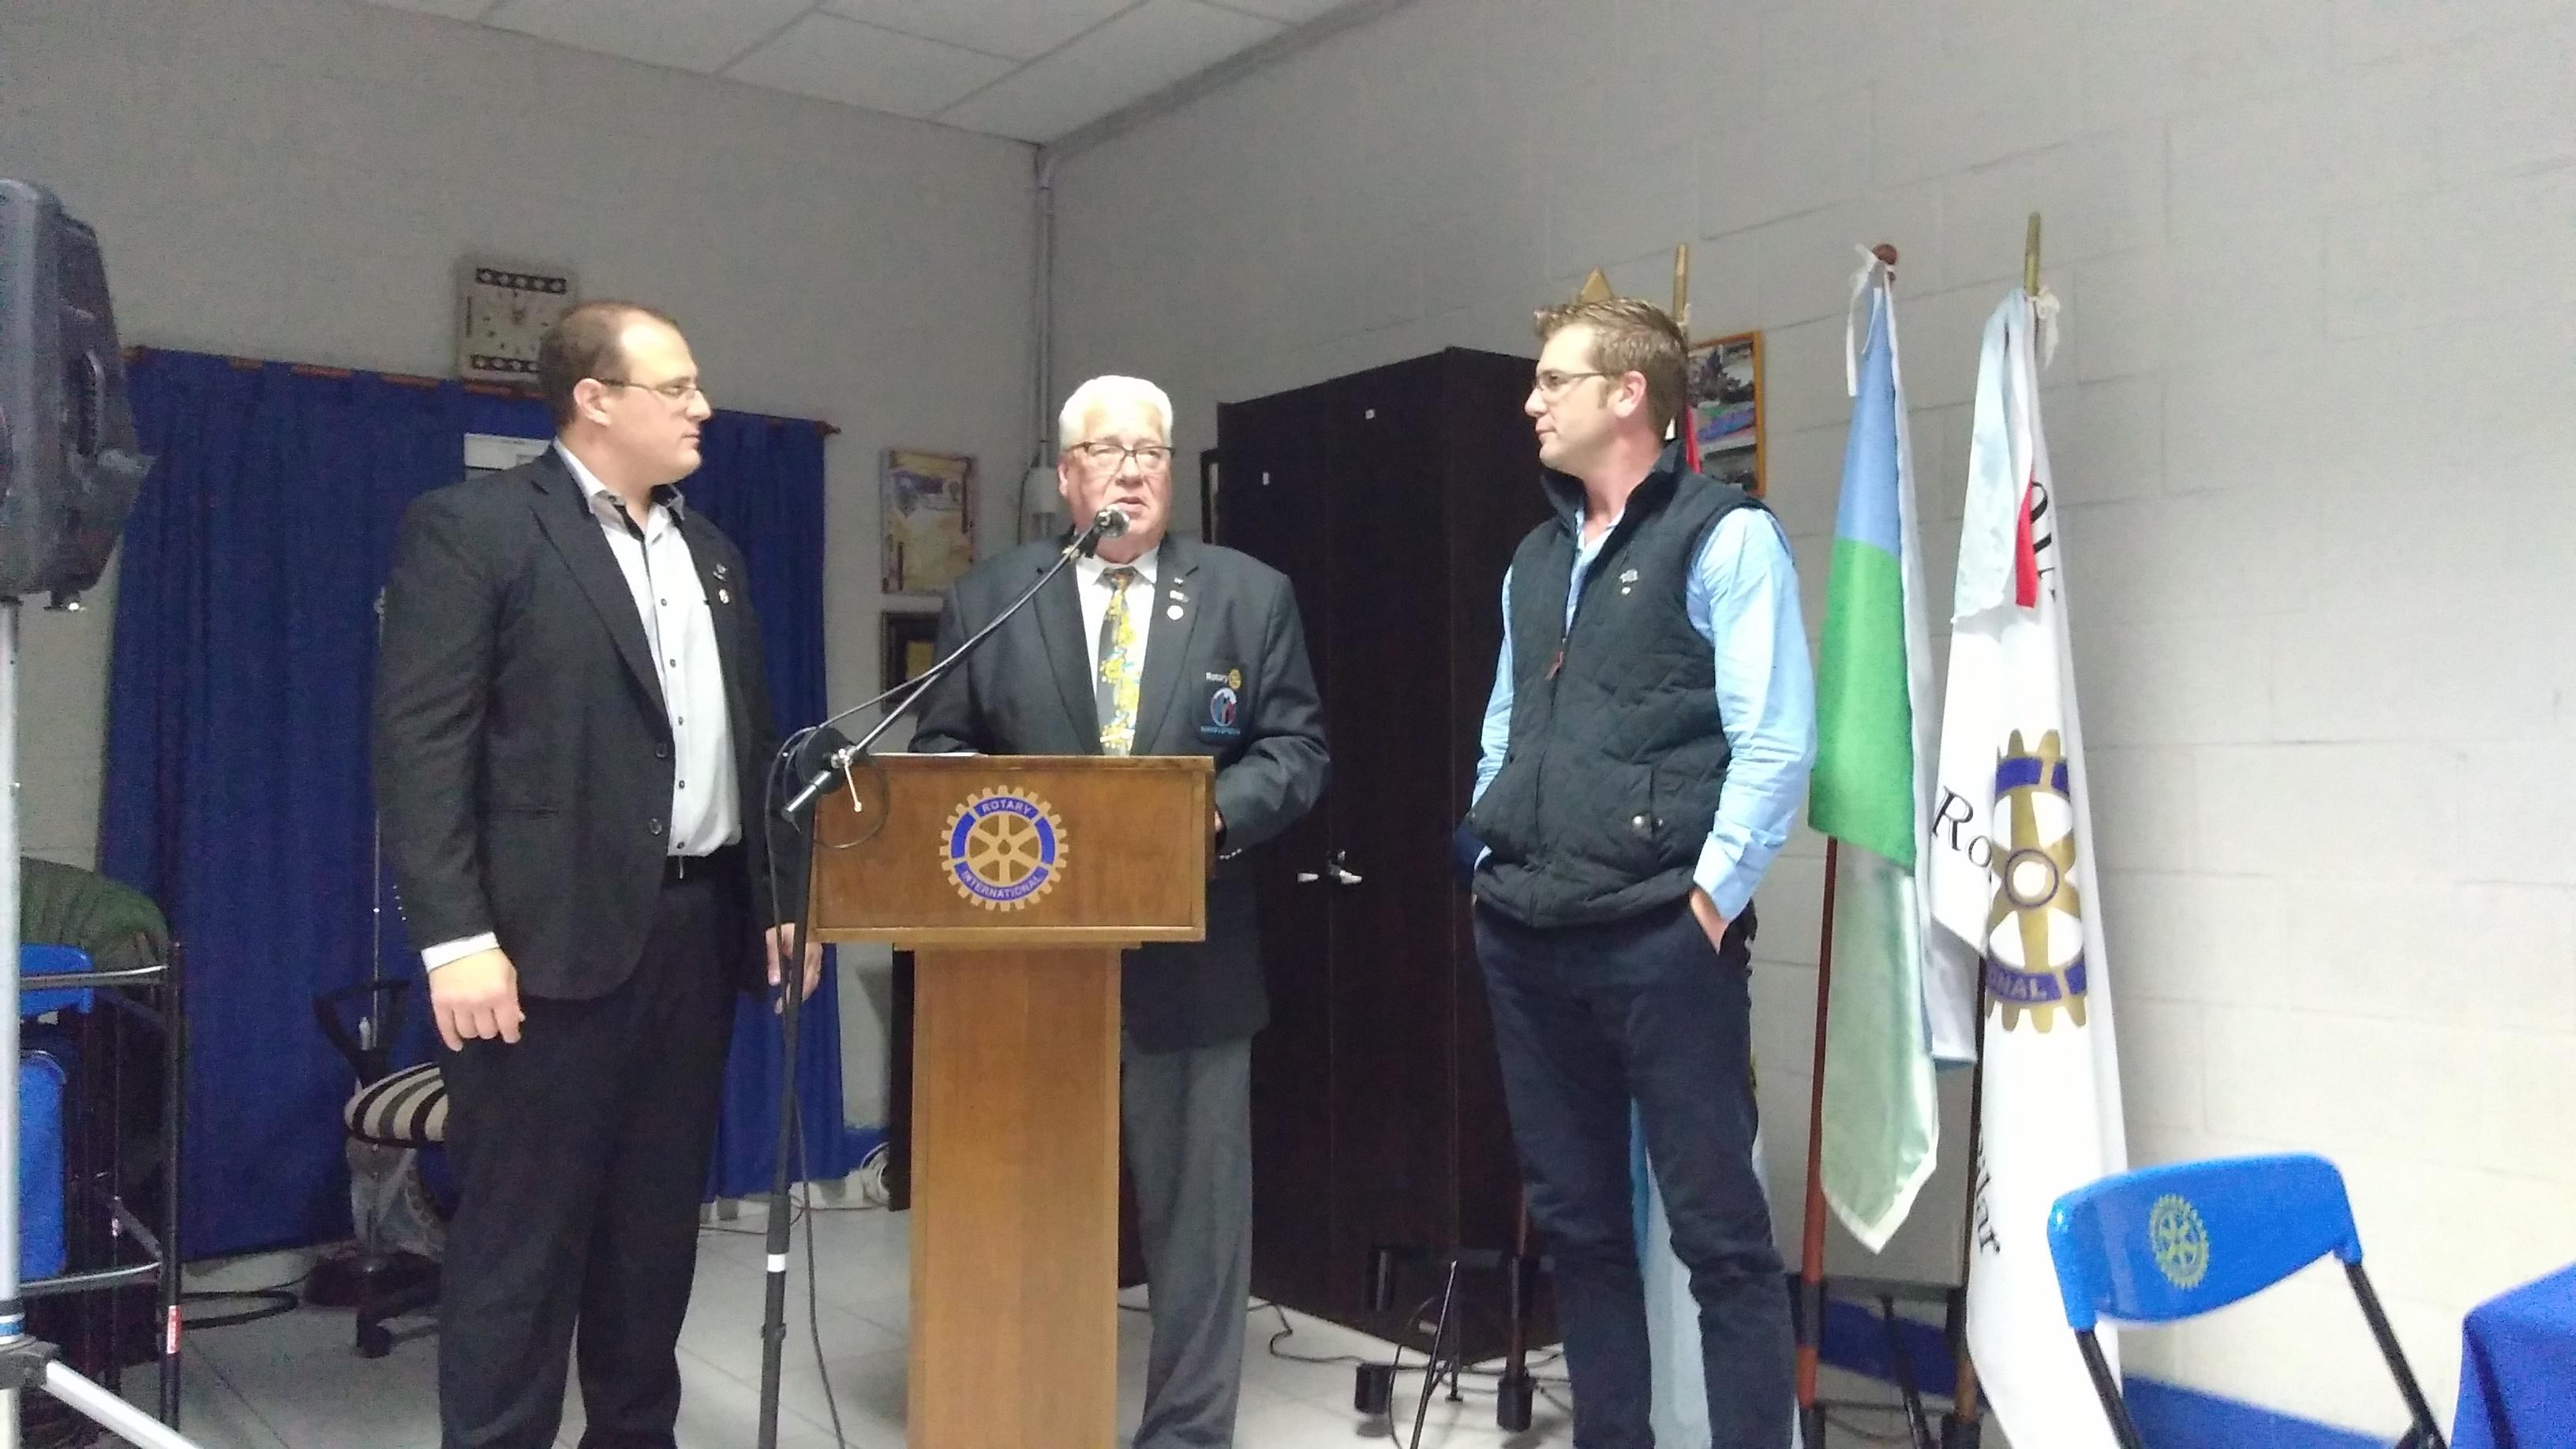 Recepción al Gobernador de distrito 4945 Henry Van Der Spoel